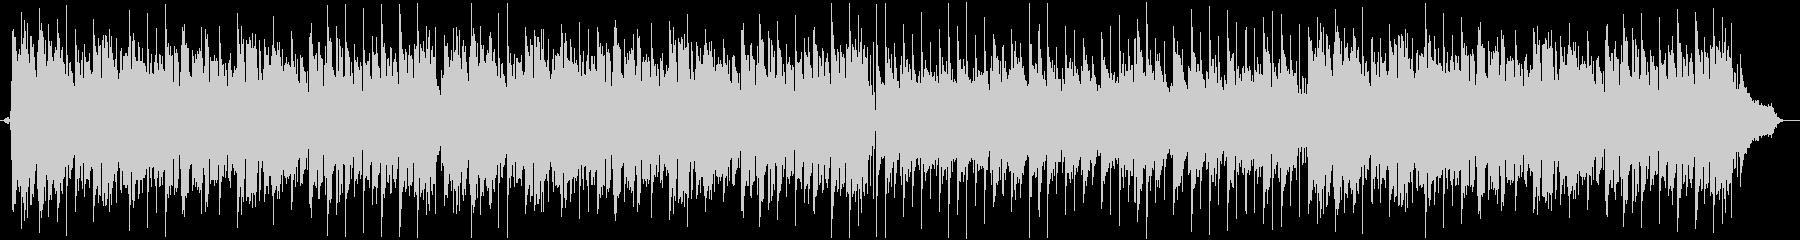 洋楽オールディーズの夏バラードの未再生の波形